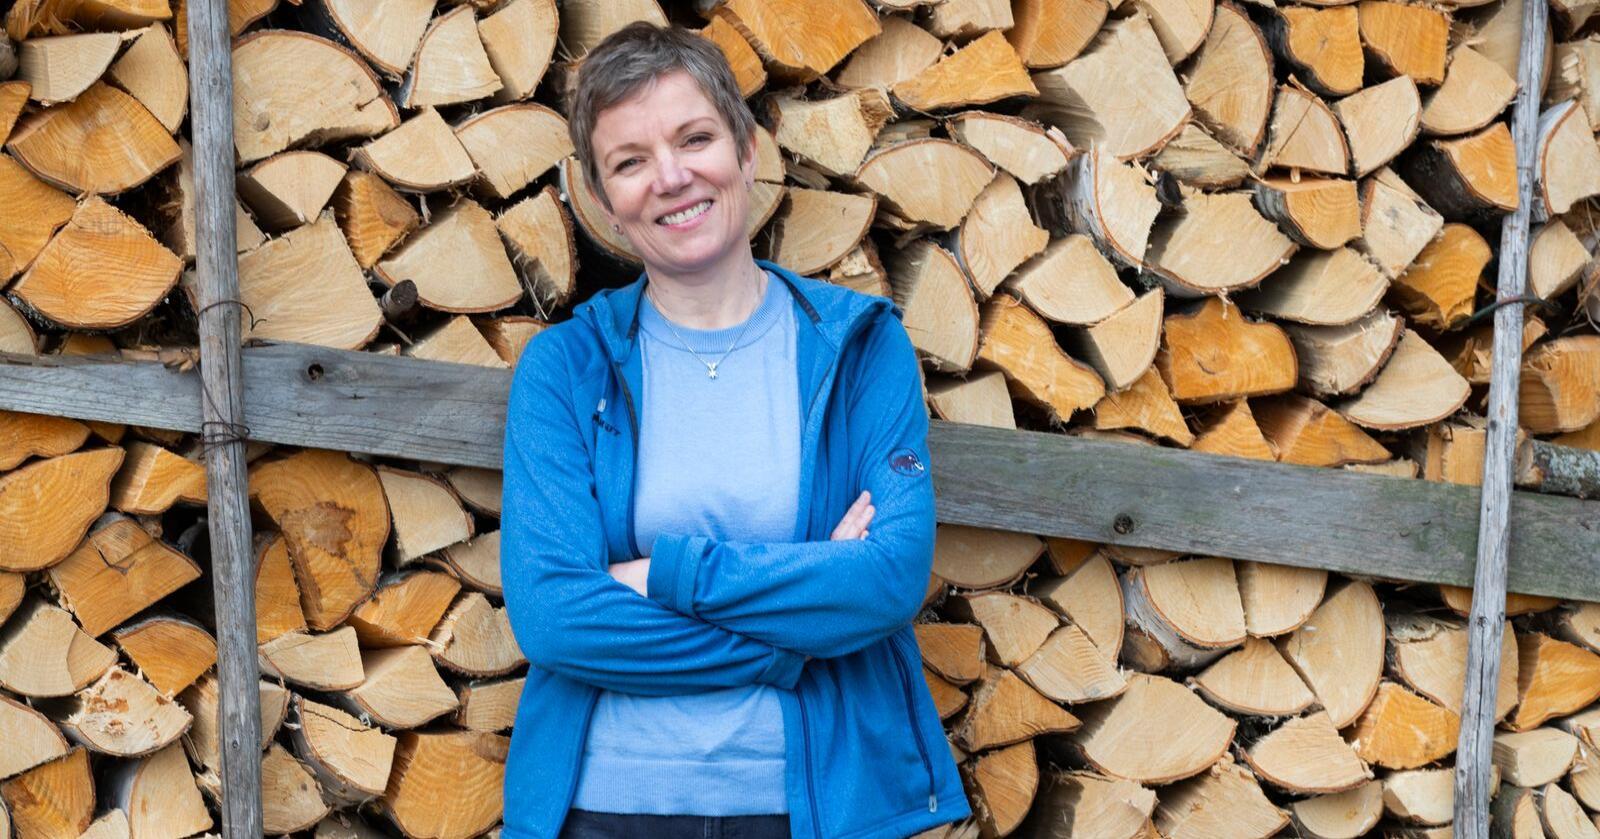 Marit Hermansen er president i Den norske legeforening  og meiner arbeidsbelastninga til legevaktlegane svekkar rekrutteringa både til fastlegeordninga og legevakten. Foto: Berit Roald / NTB